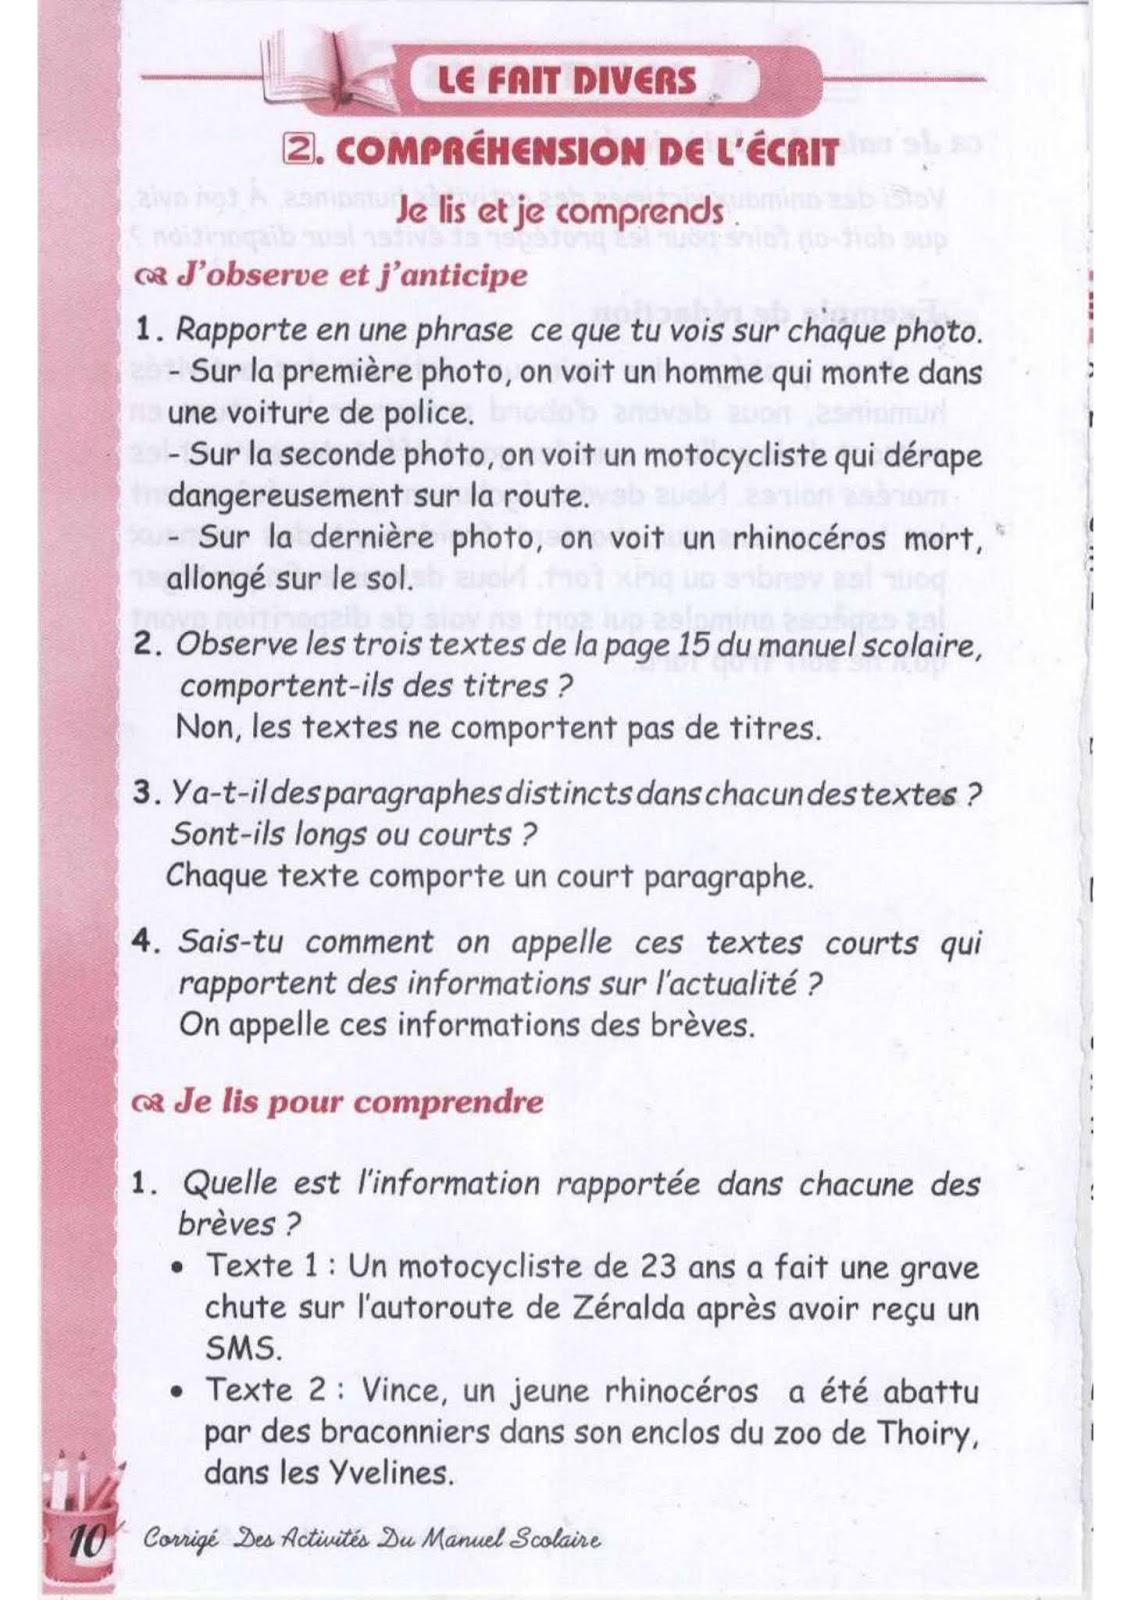 حل تمارين صفحة 15 الفرنسية للسنة الثالثة متوسط - الجيل الثاني | موقع  التعليم الجزائري - Dzetude